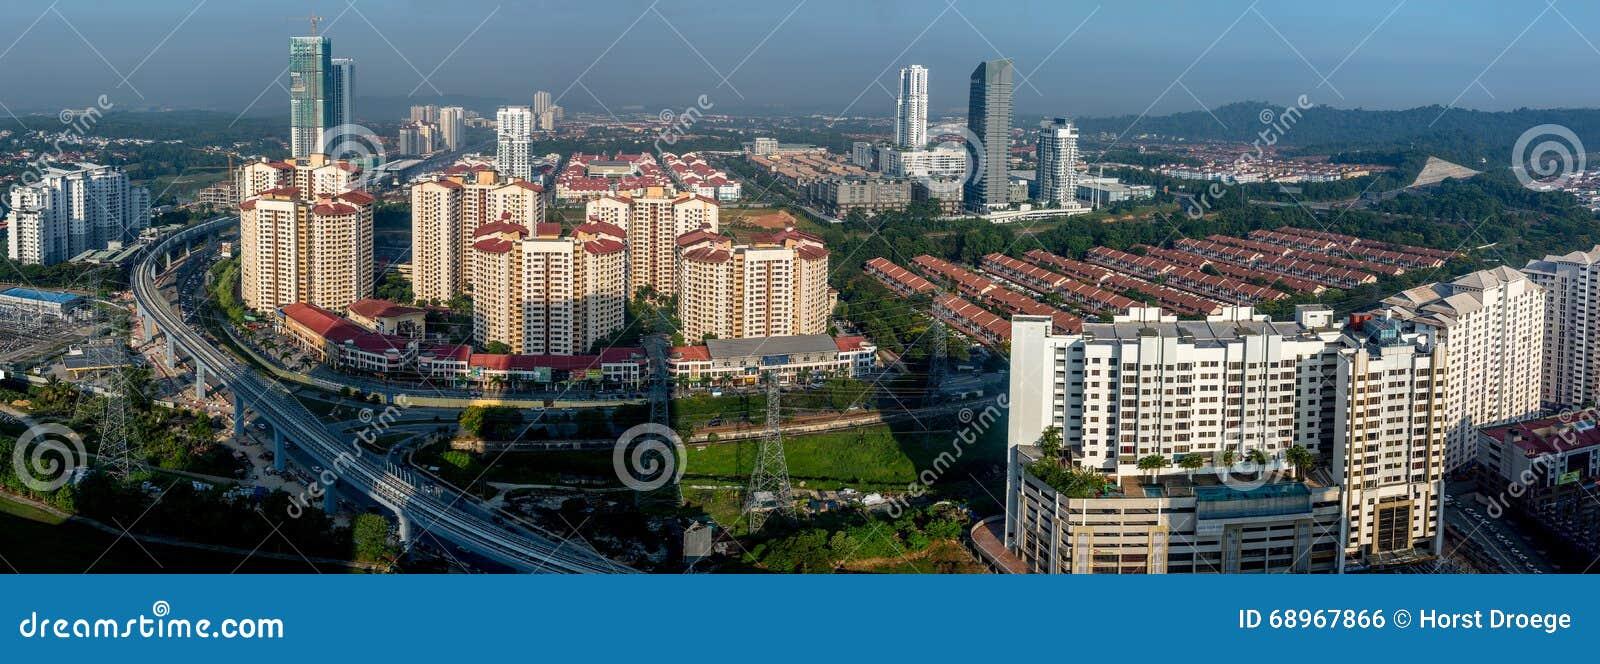 Petaling Jaya en Malasia